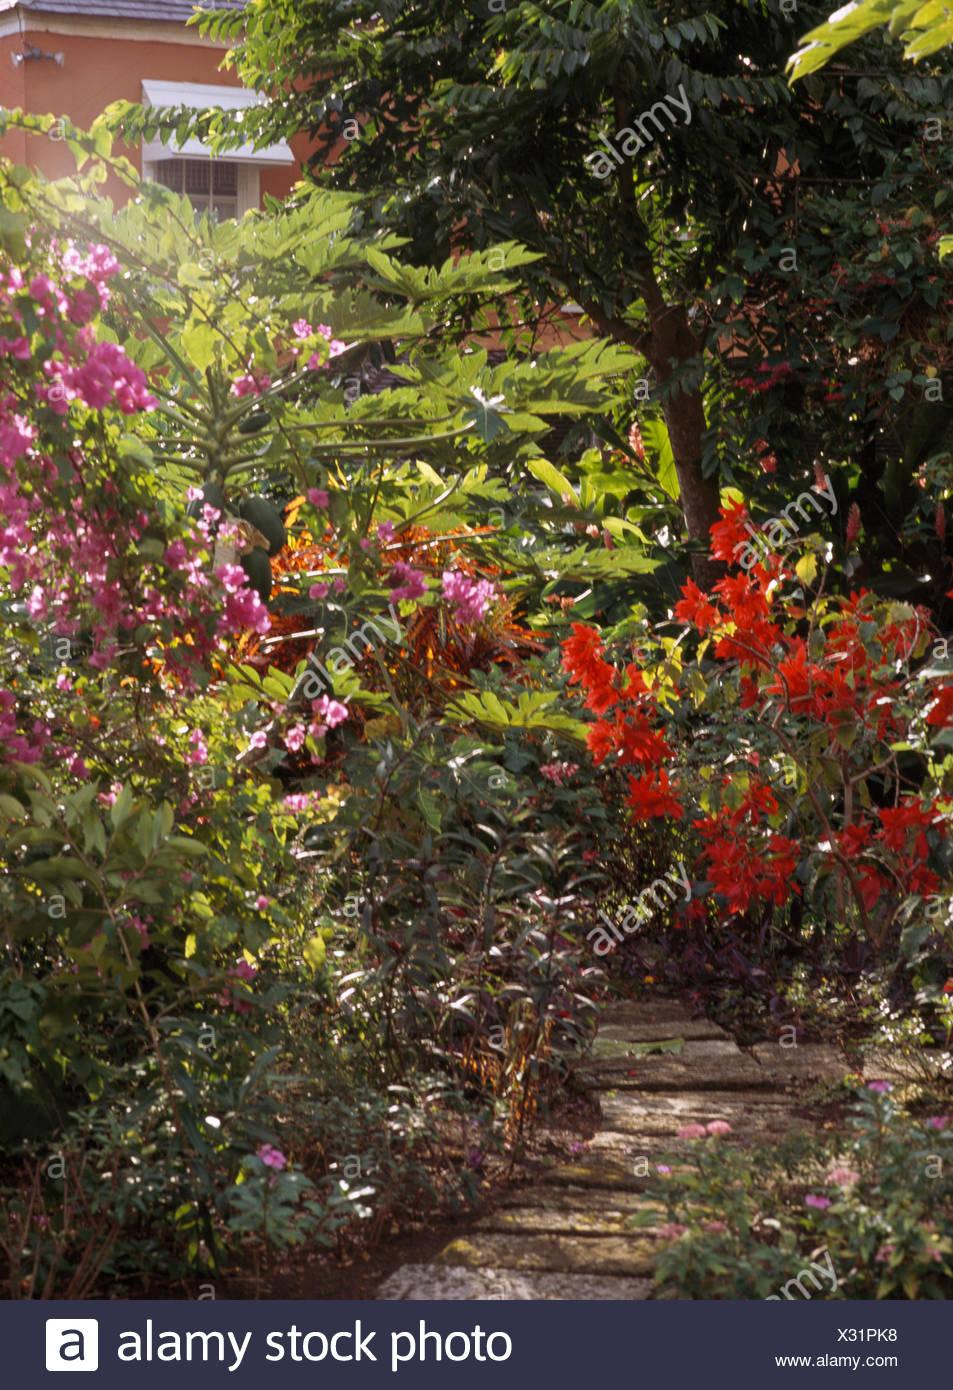 Caribbean Garden Stock Photos & Caribbean Garden Stock Images - Alamy